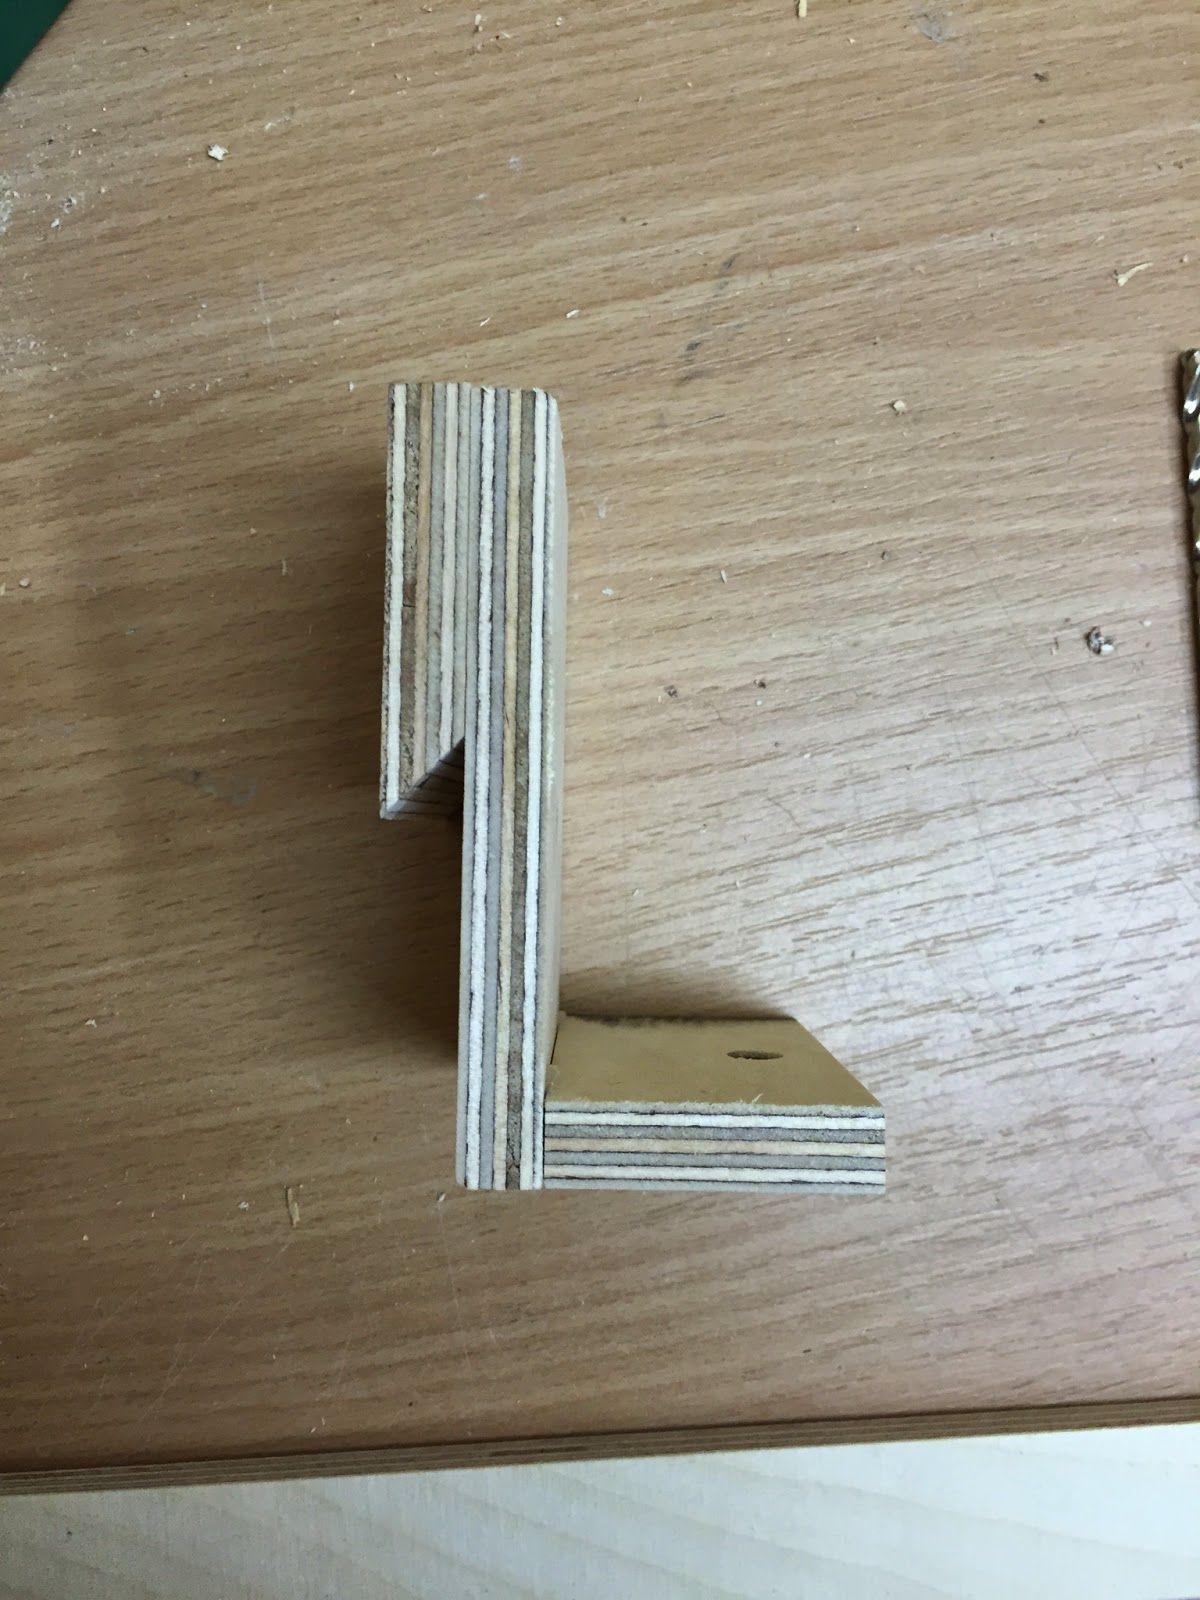 French Cleat Aufhängesystem für Handwerkzeuge Paper Crafting umfasst eine breite Vielfalt von unterhaltsamen und einfachen Projekten für private zumal and...